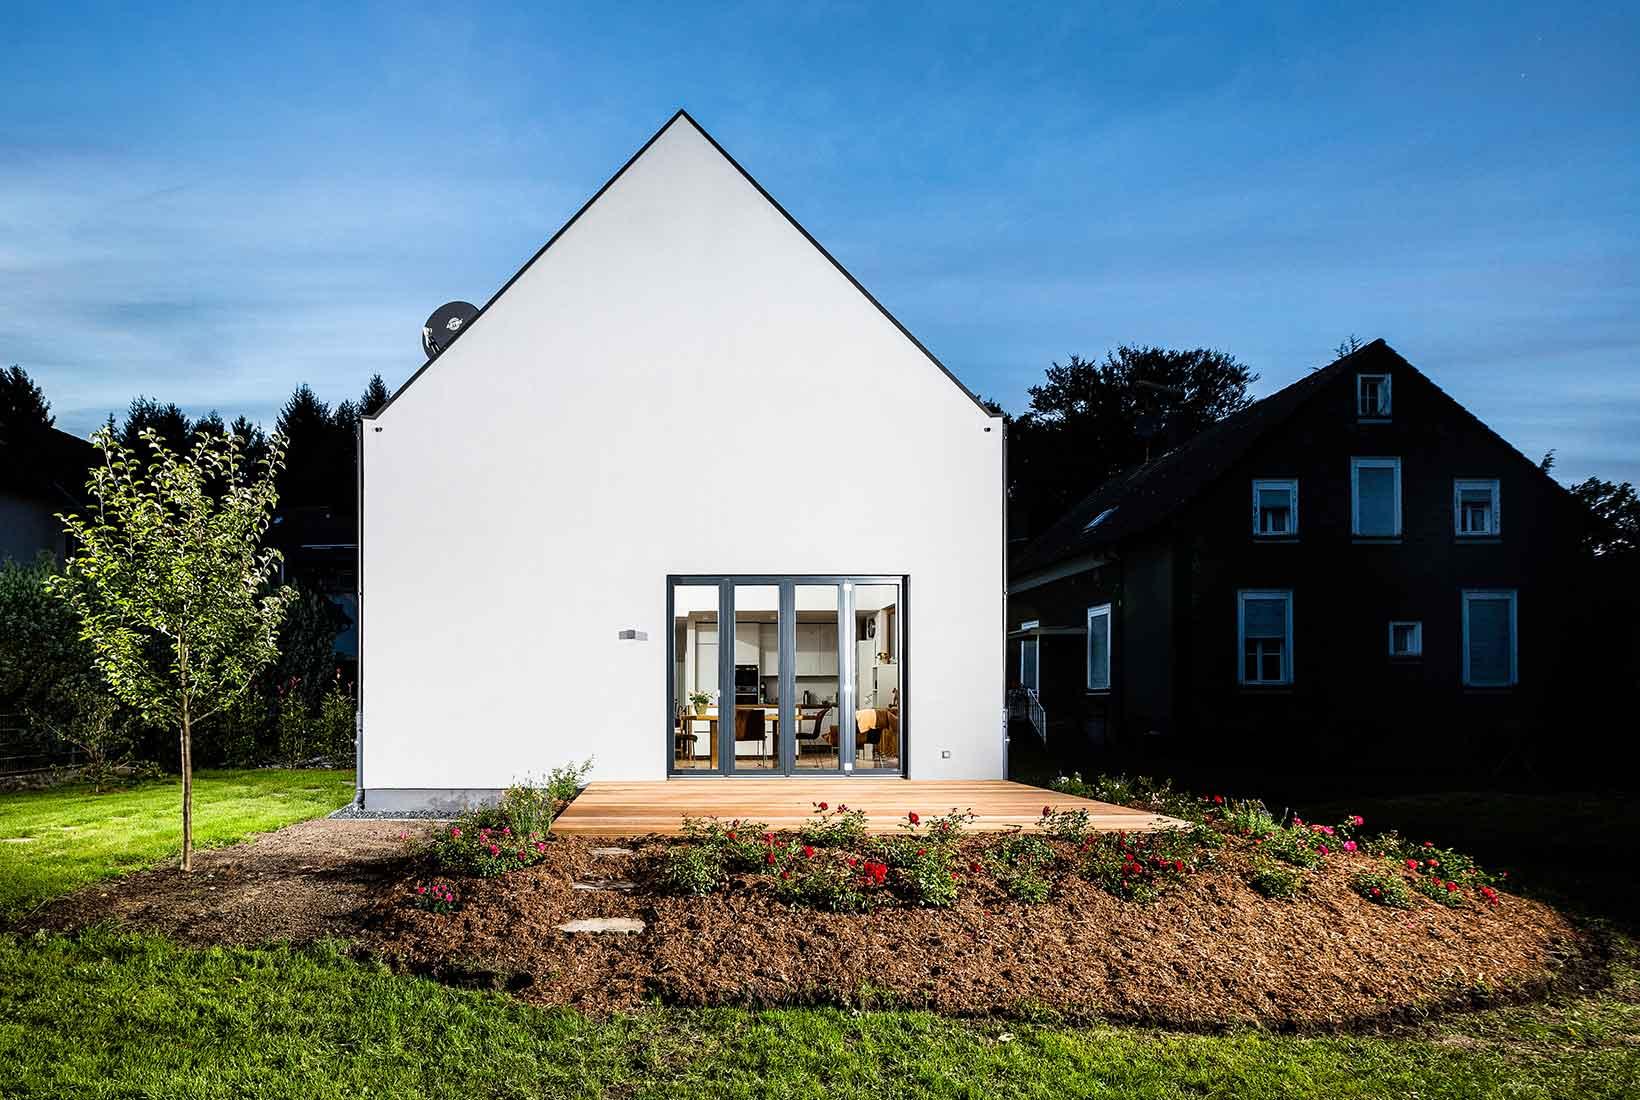 holzhaus bauen in 6 schritten zum einfamilienhaus aus holz. Black Bedroom Furniture Sets. Home Design Ideas